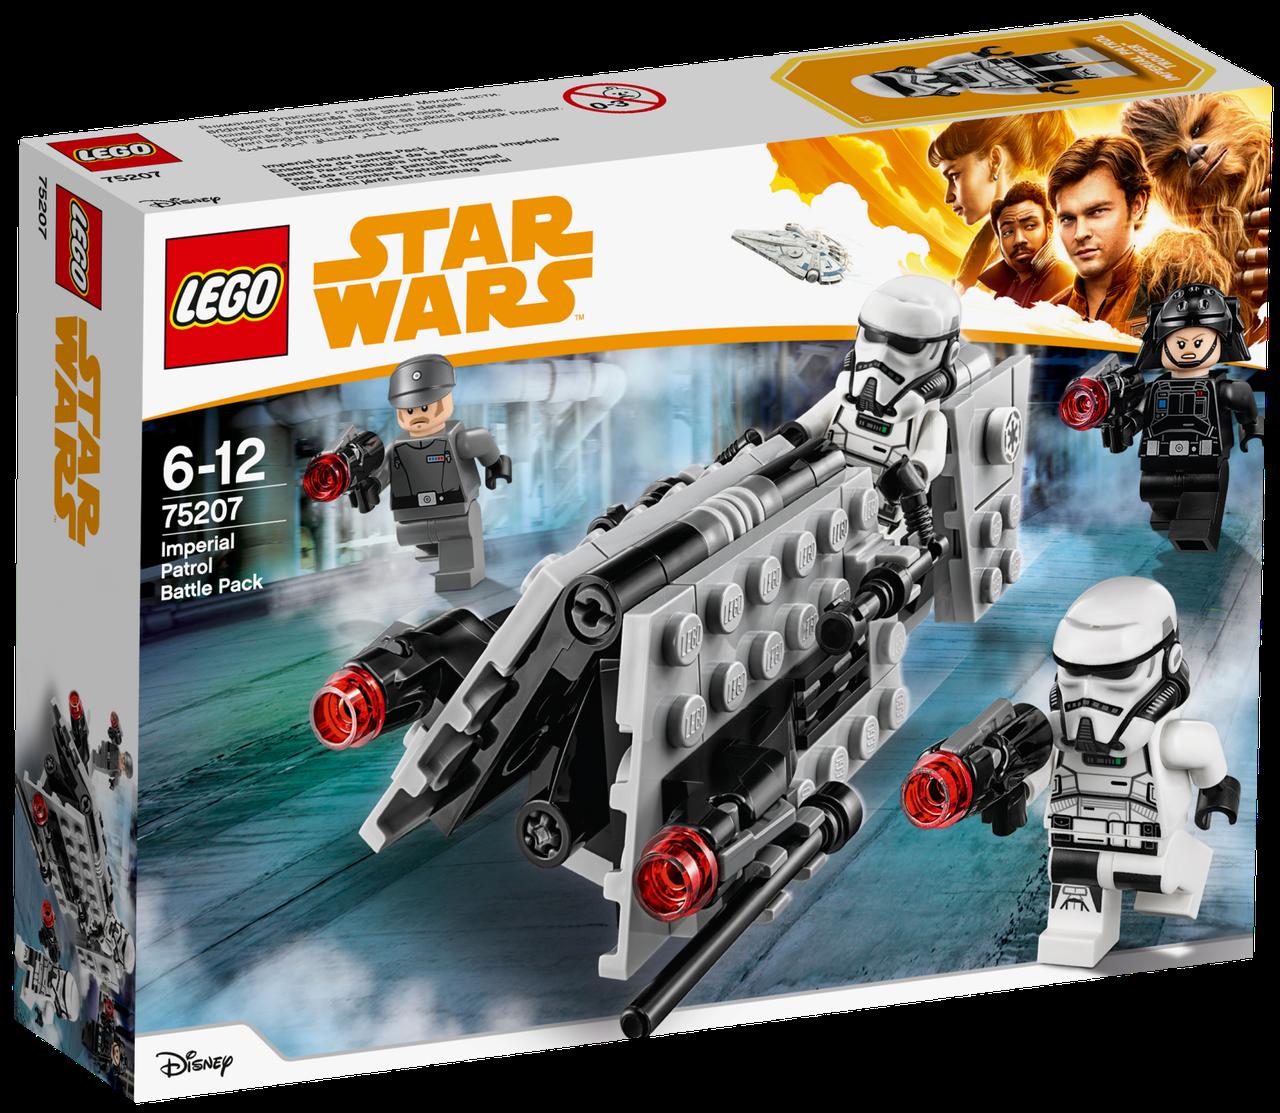 Lego Star Wars Боевой набор имперского патруля 75207